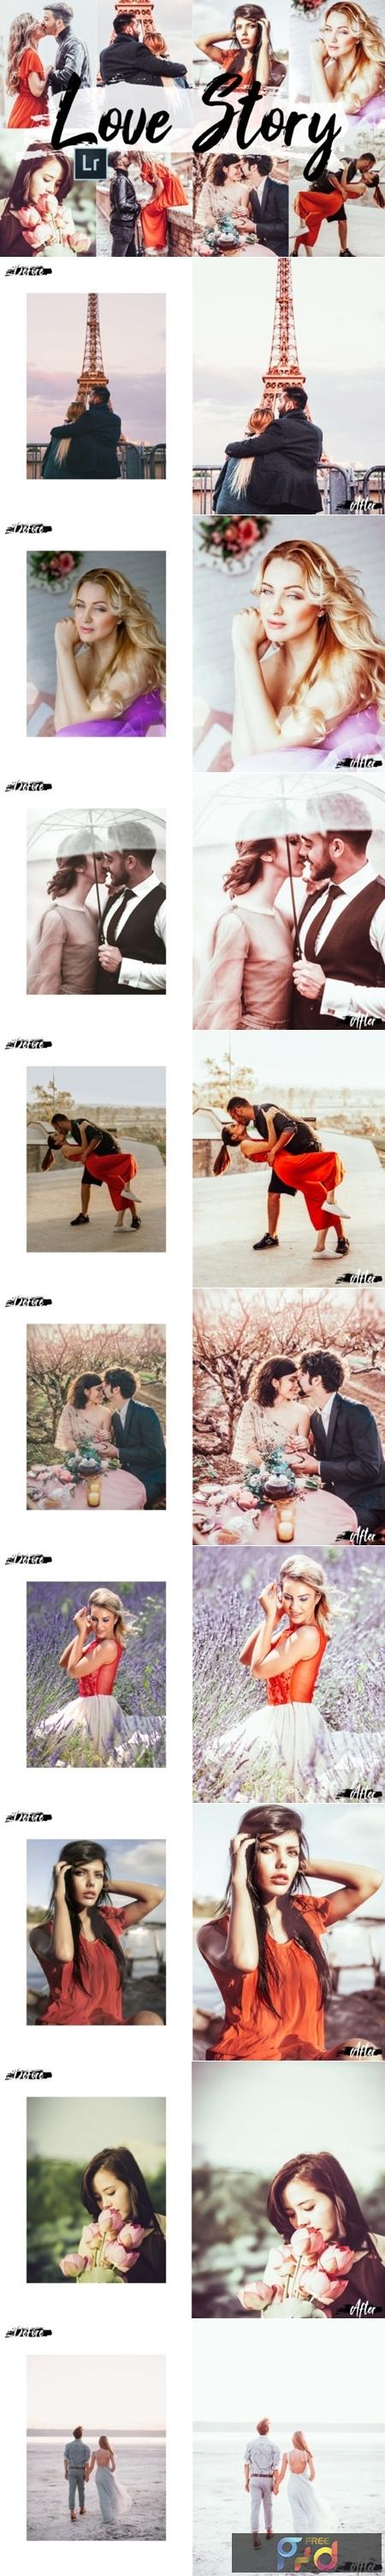 05 Love Story Mobile Lightroom Presets 2450603 1